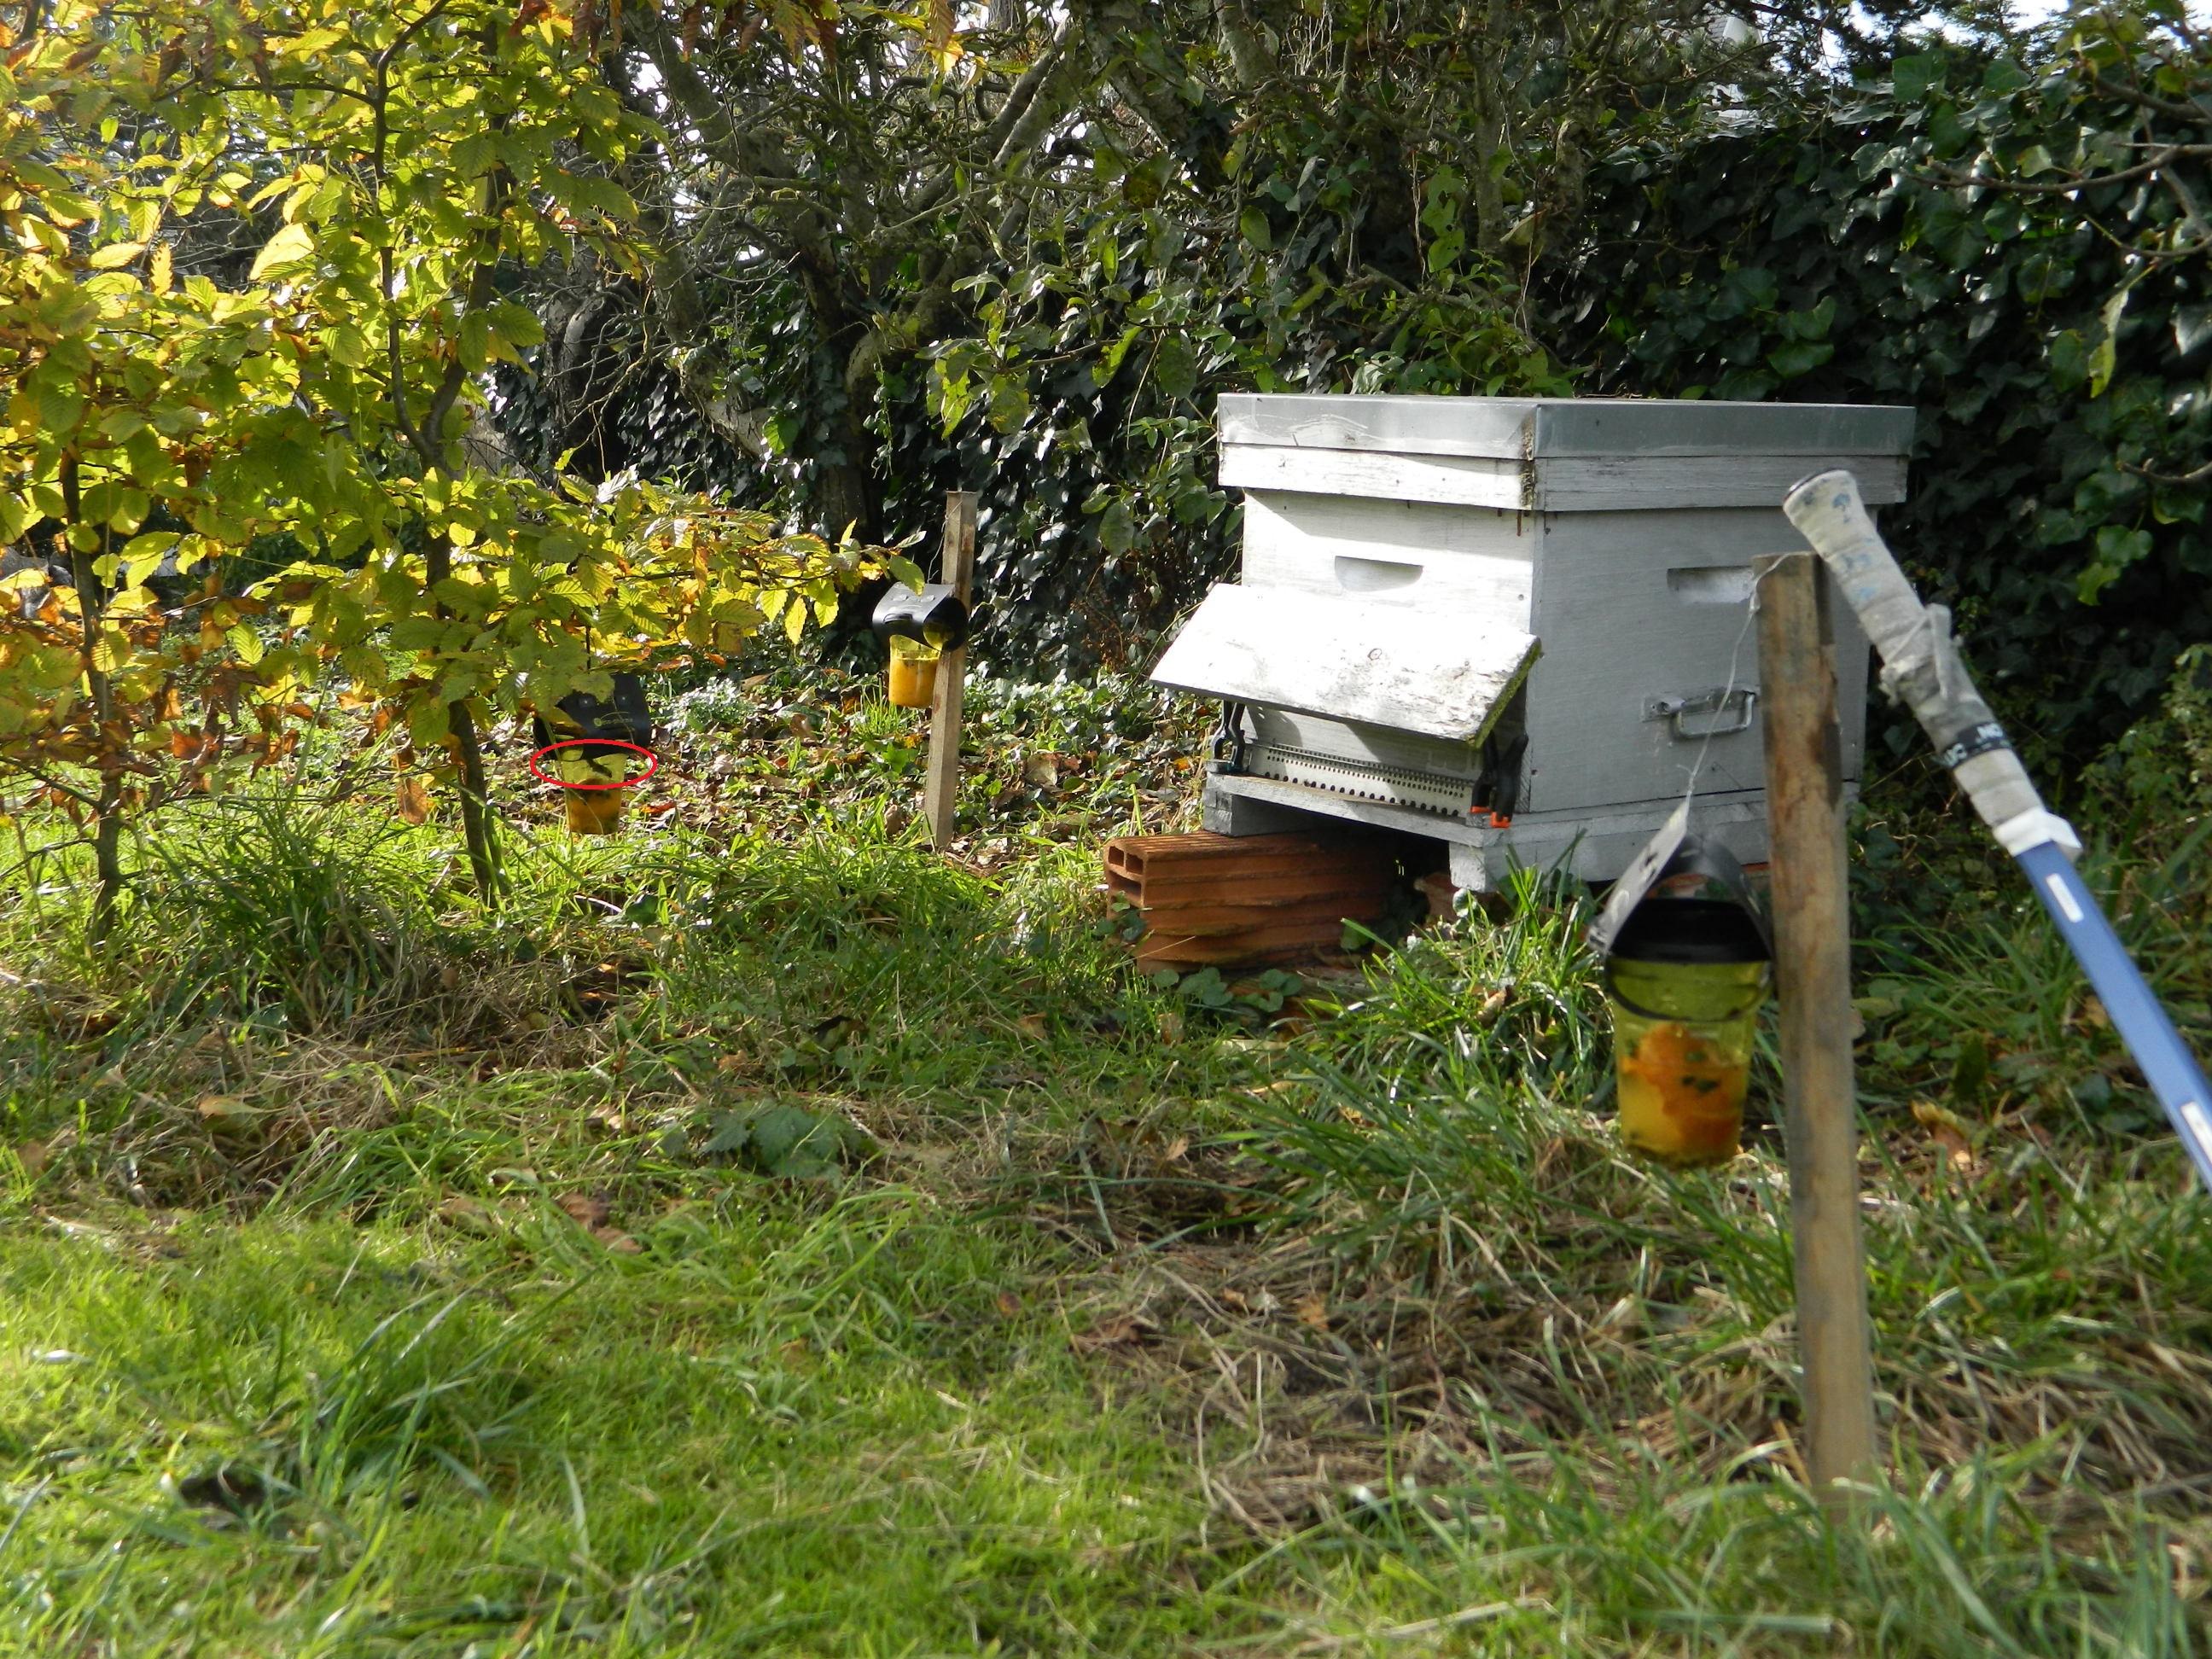 14 novembre 13h30 la température n'est pas suffisante pour les abeilles